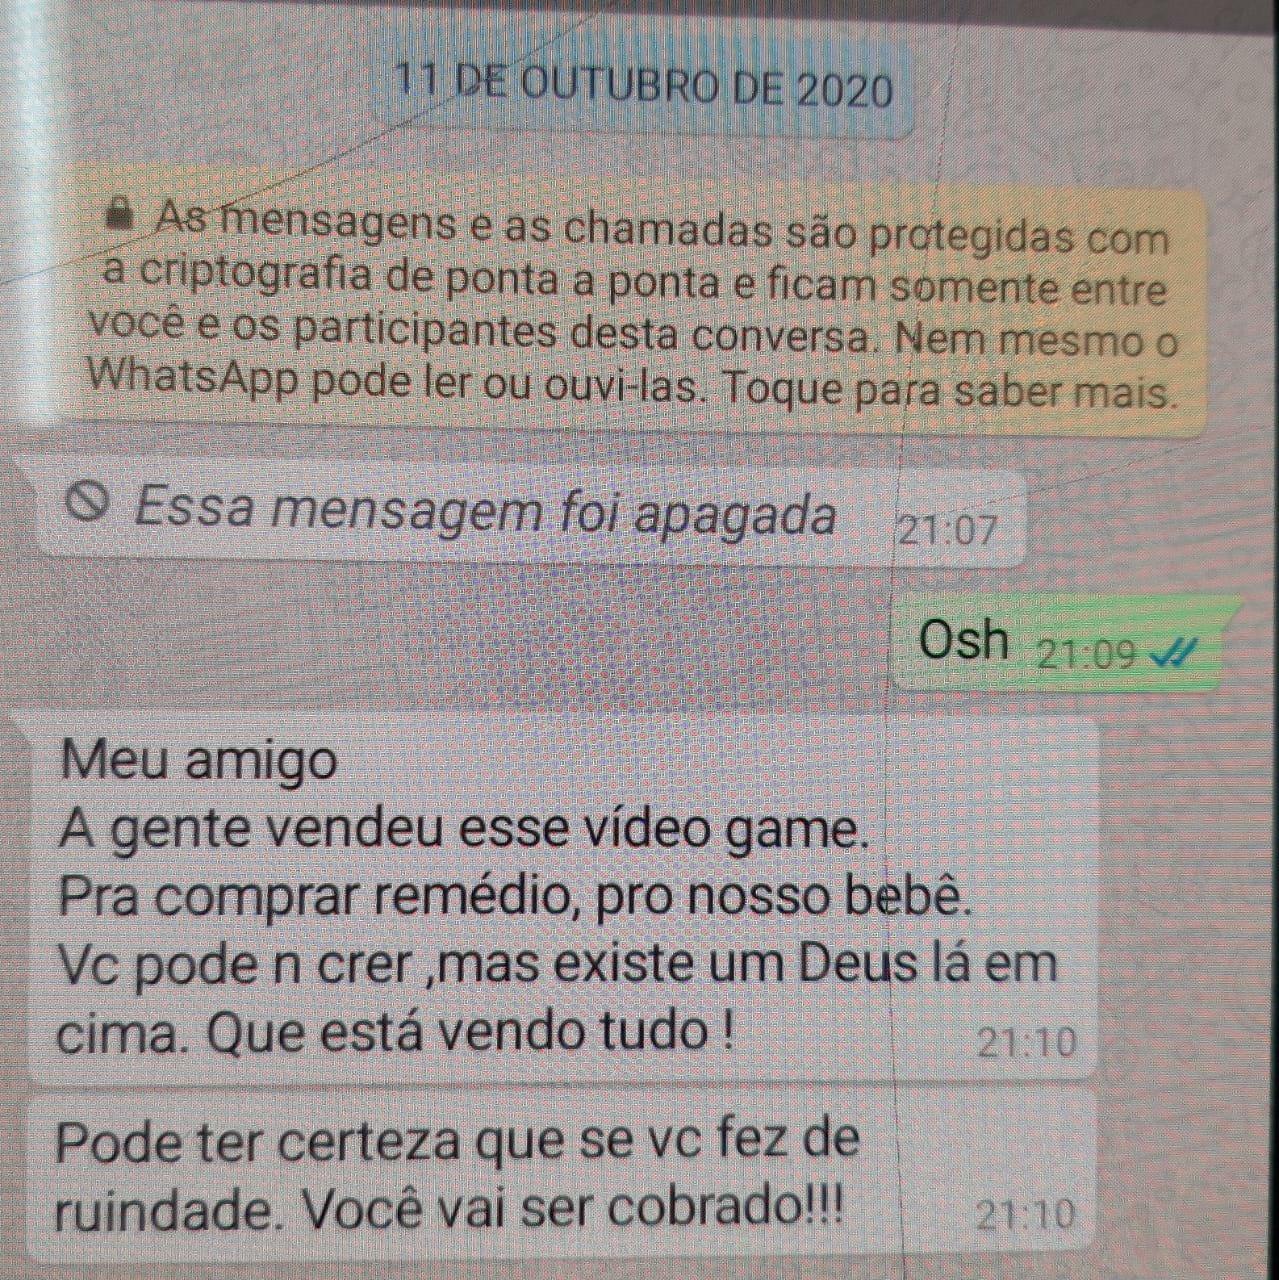 Filipe Fidelis trocou mensagens com comprador - DIVULGAÇÃO/POLÍCIA CIVIL